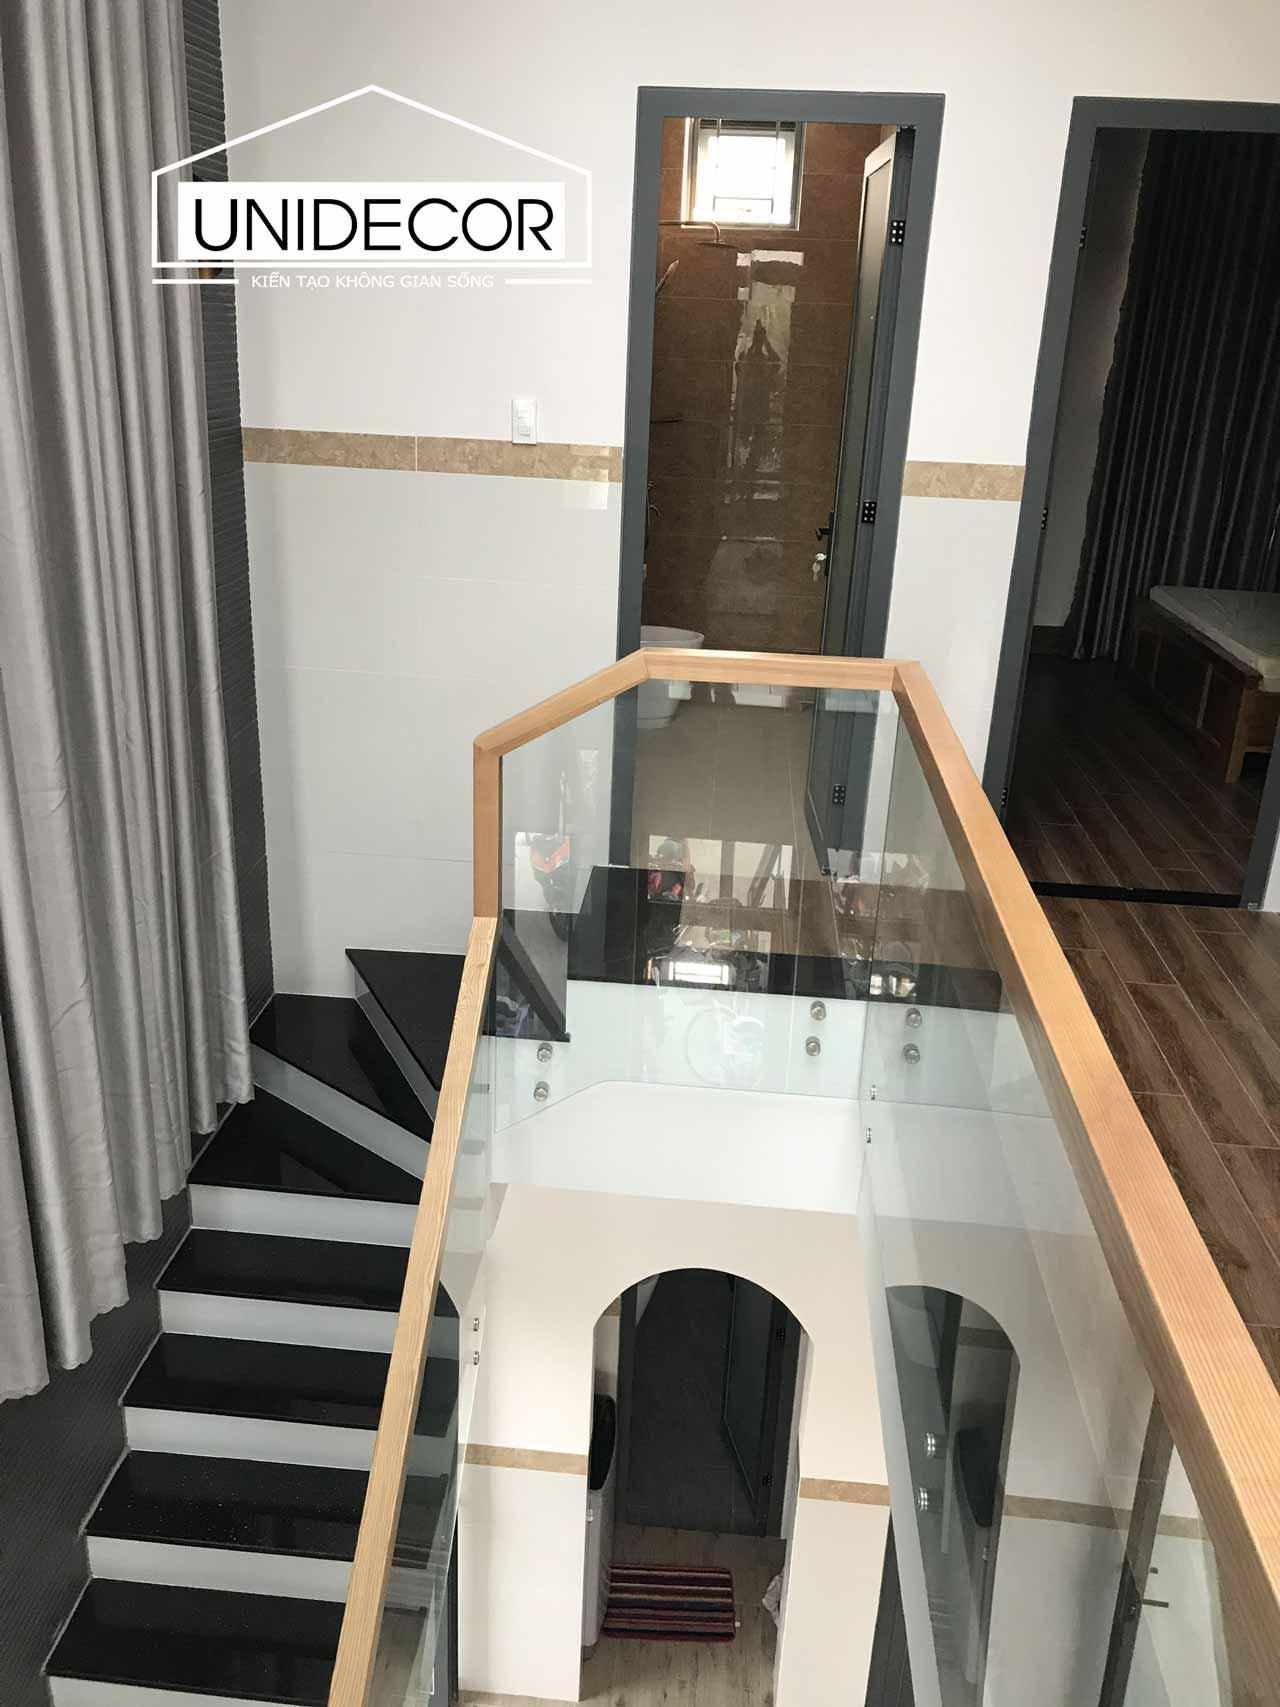 Cầu thang thông tầng được làm bằng kính chắc chắn